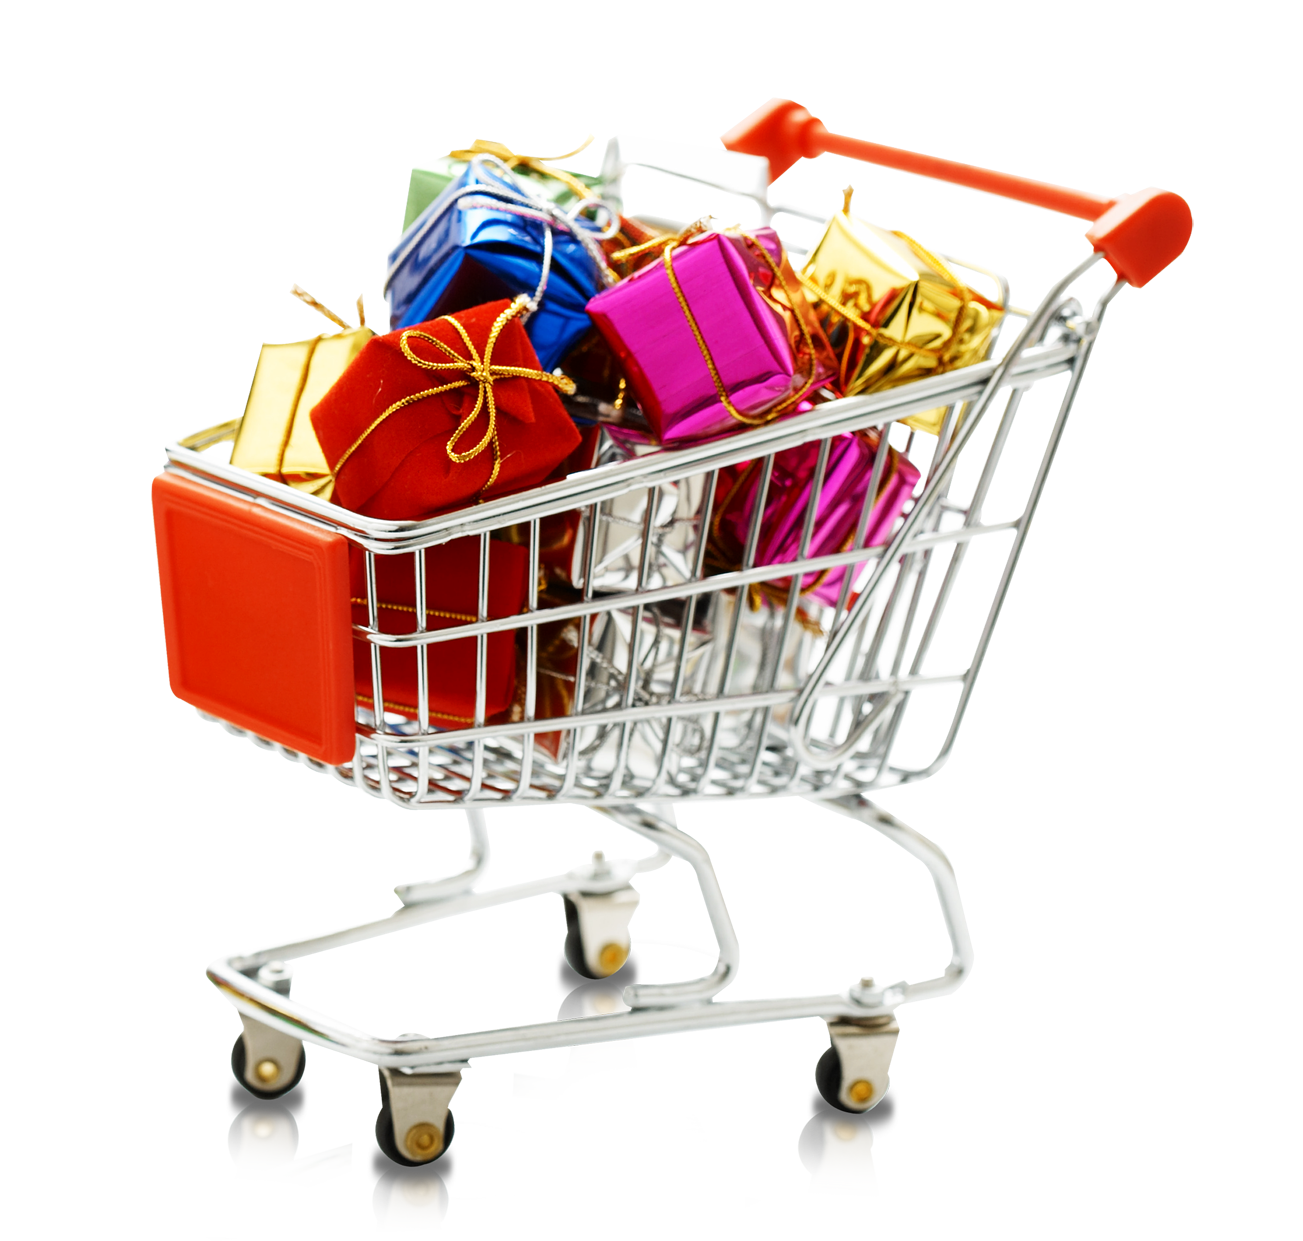 Товар в экономике, виды, спрос, услуга, рыночные цены на товар, дефицит товара